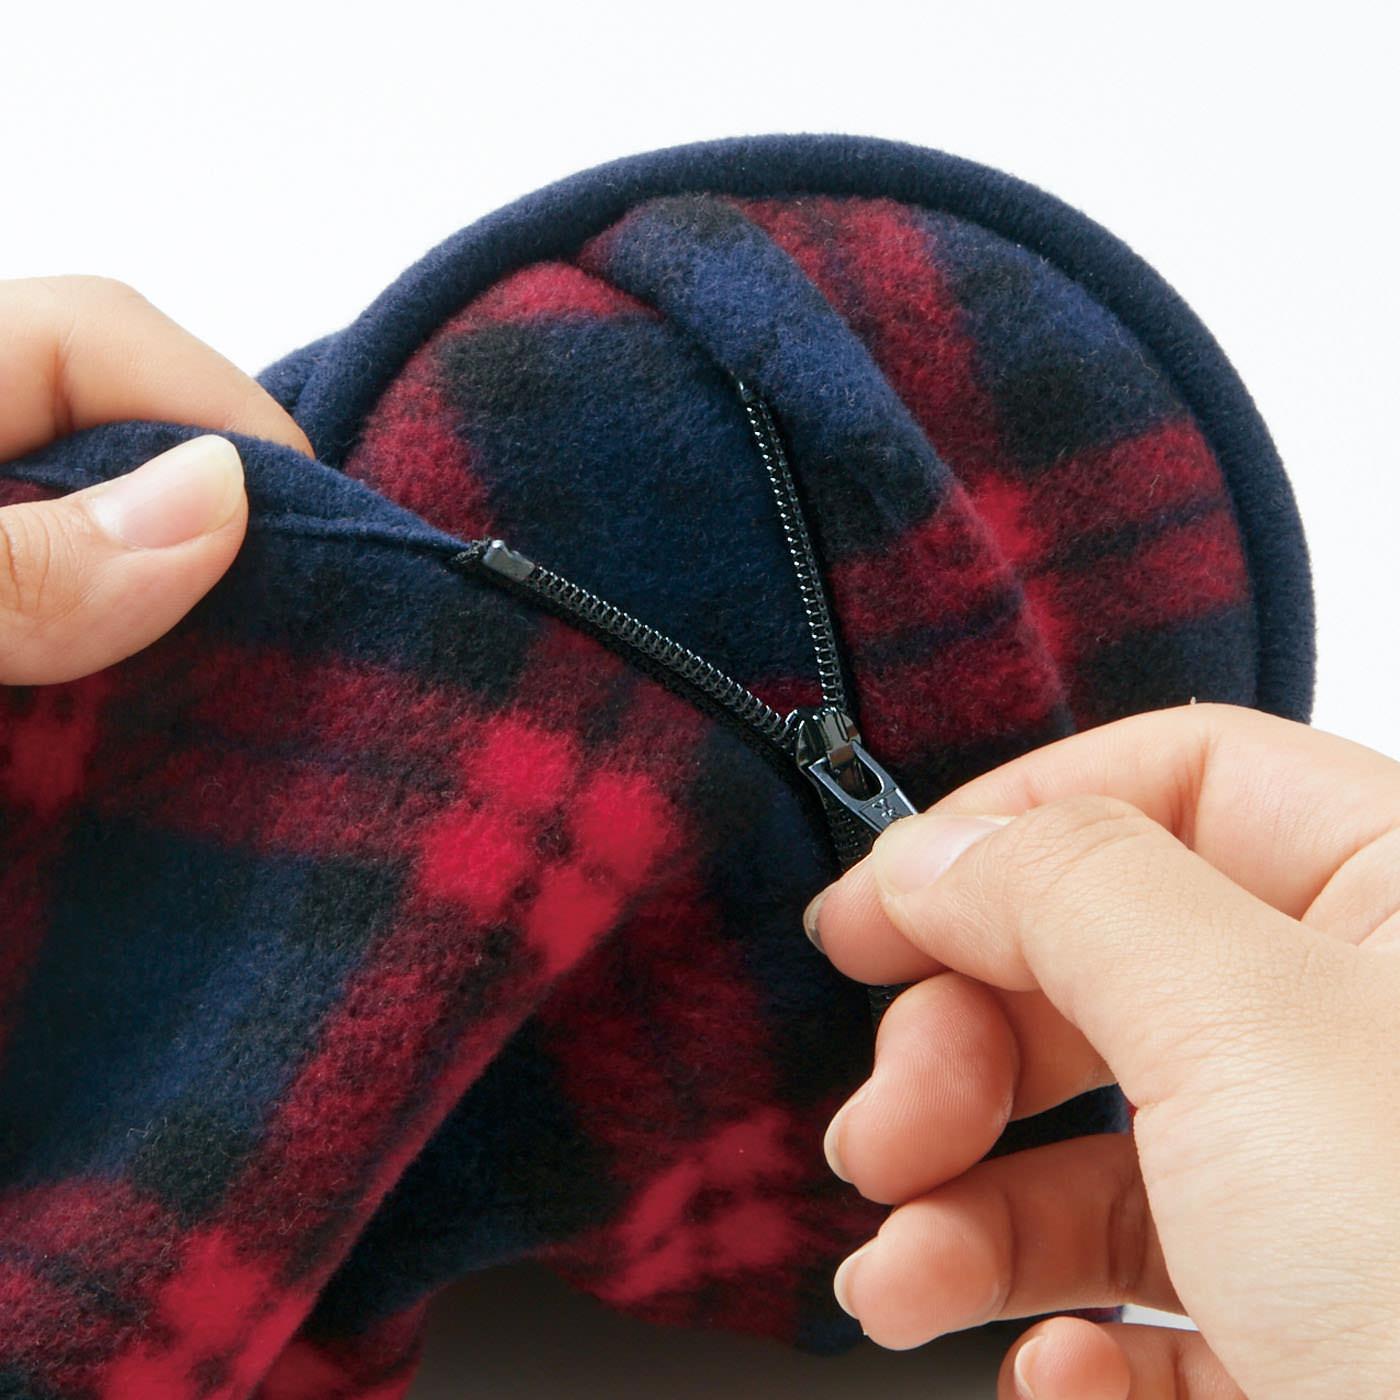 ファスナーでらくらくドッキング! ずれないからすきま風も防ぎます。ファスナーはイヤマフのカバーの中に隠れています。